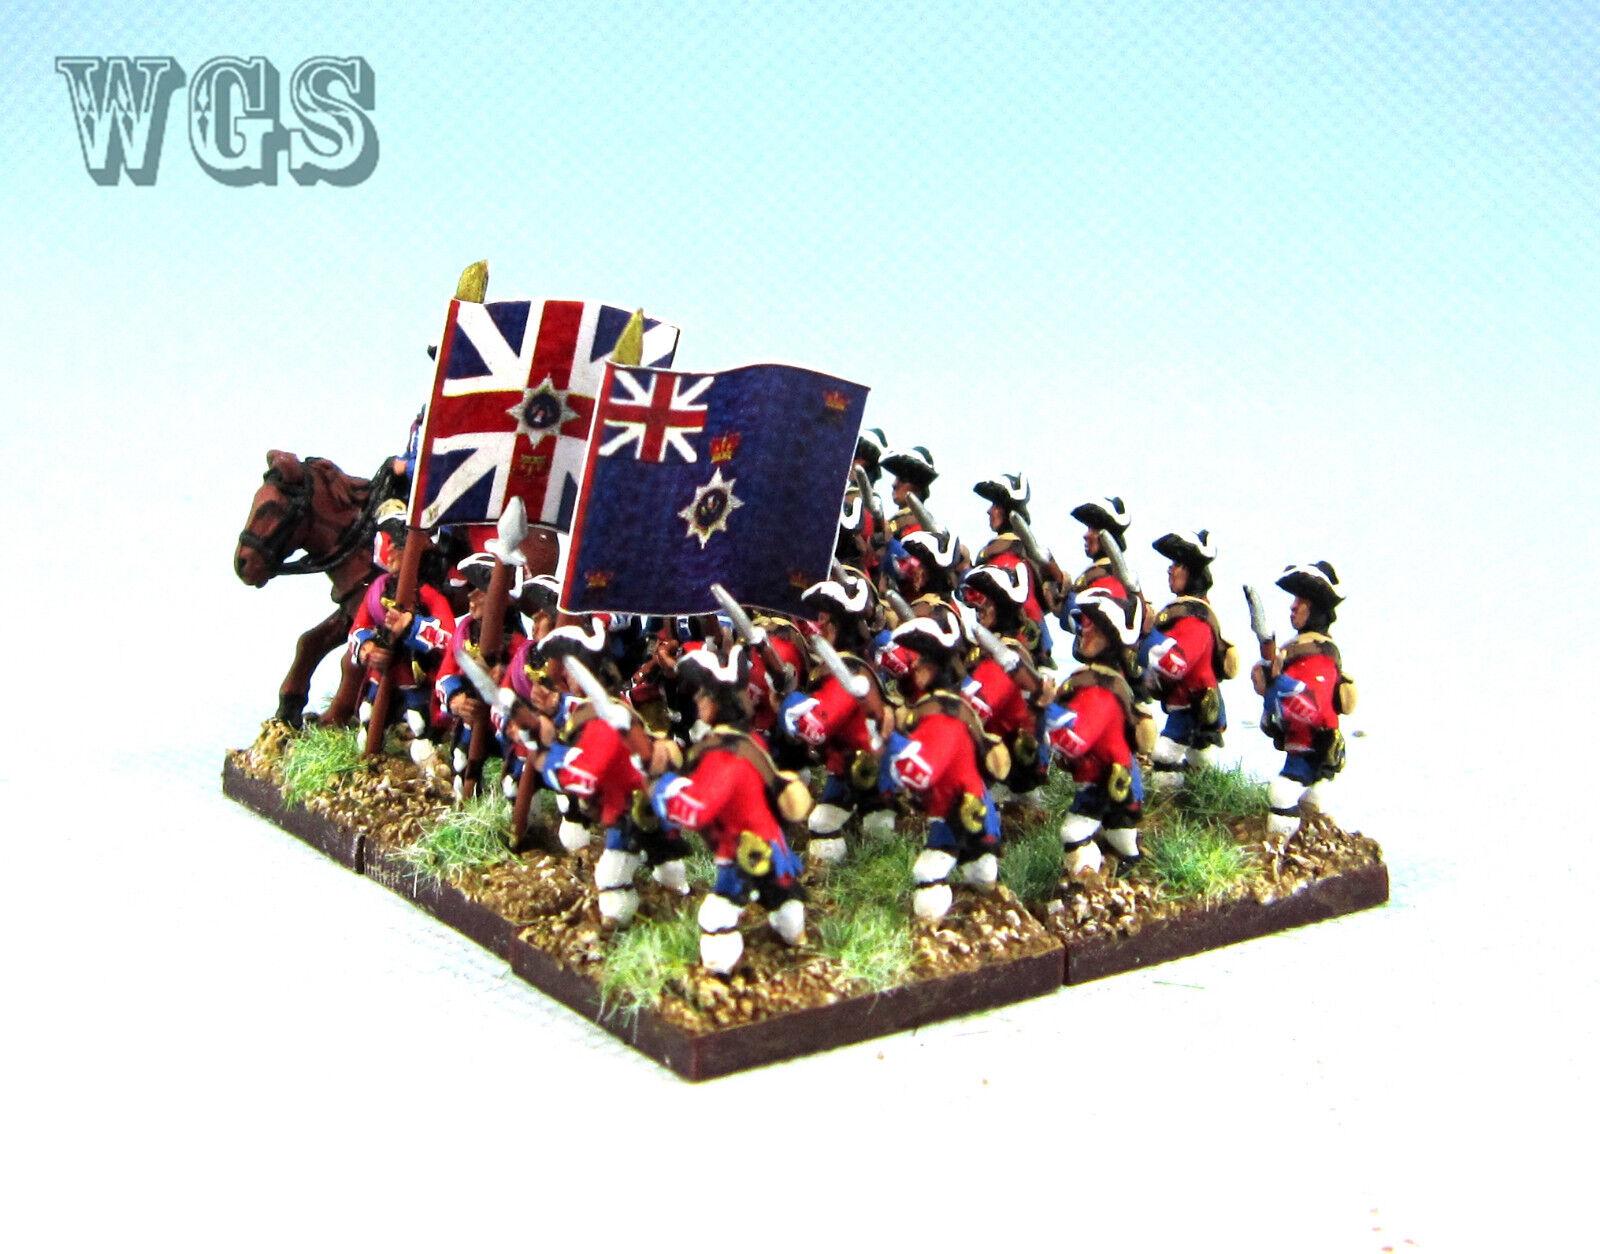 15 syw sieben jahre krieg britische musketier adavancing ba11 wgs gemalt